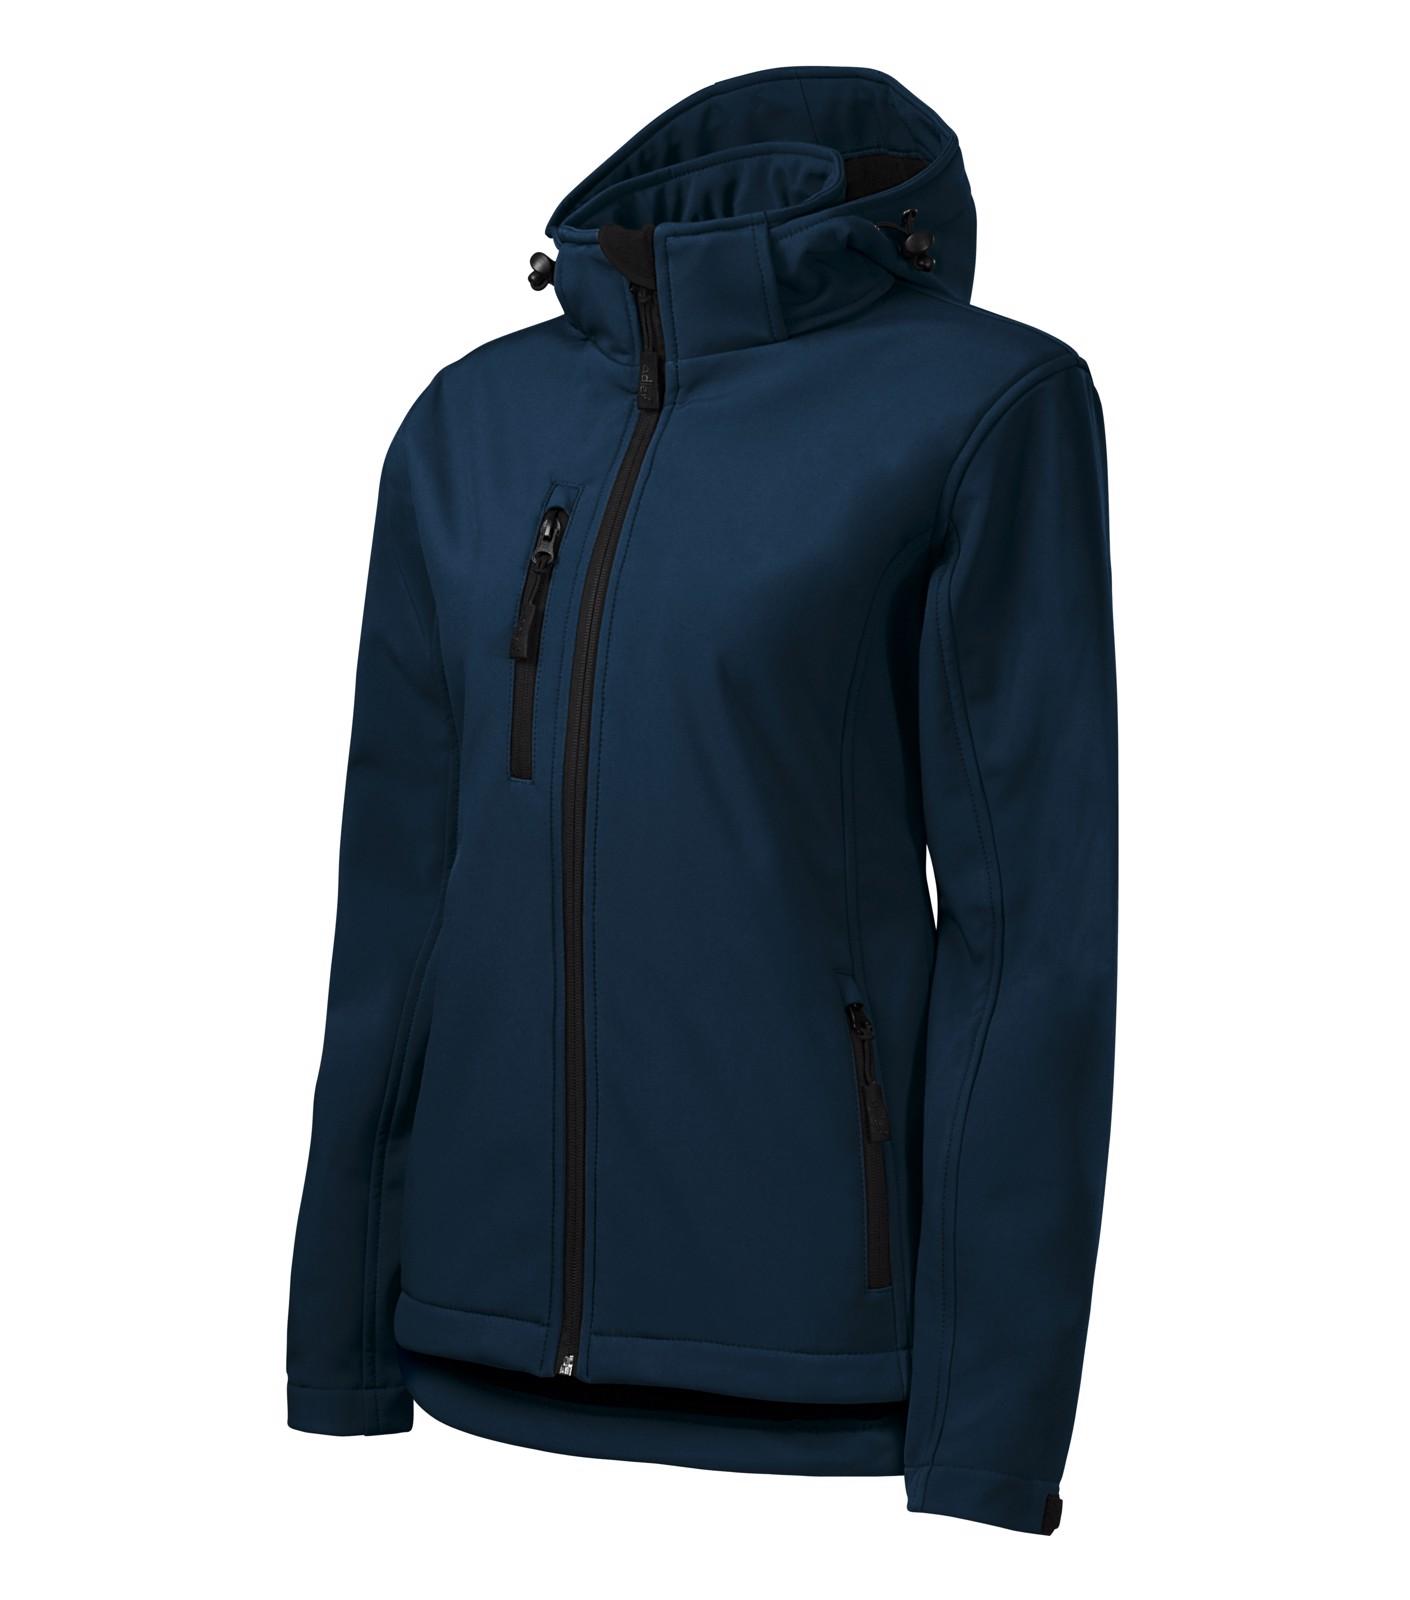 Softshellová bunda dámská Malfini Performance - Námořní Modrá / M